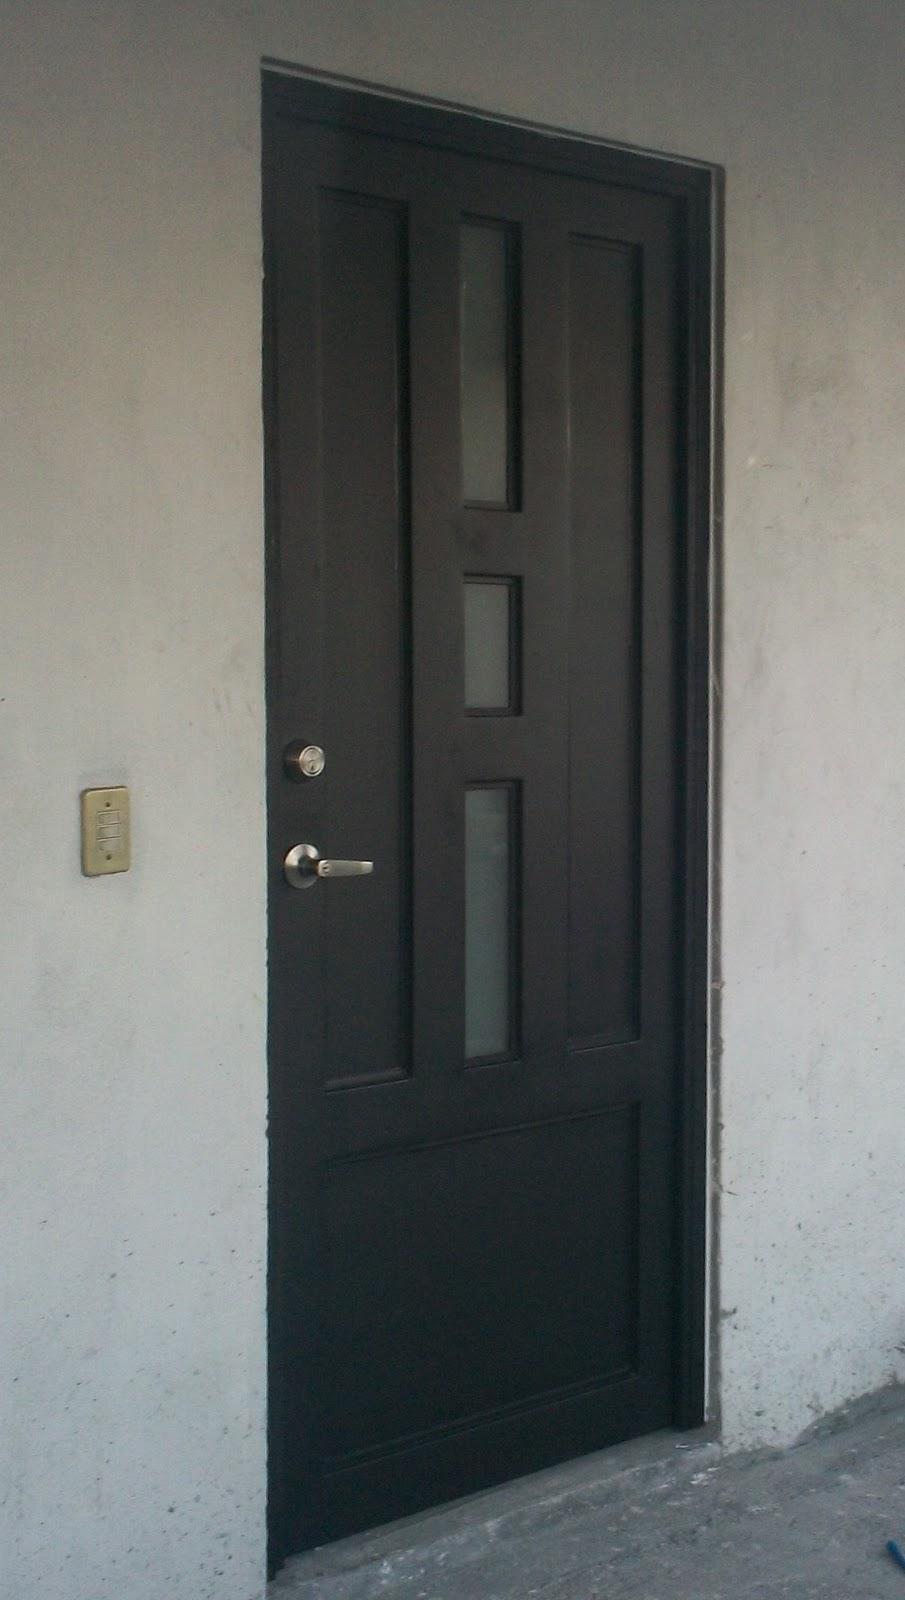 Fotos puertas principales com portal pelautscom picture for Disenos de puertas para casas modernas